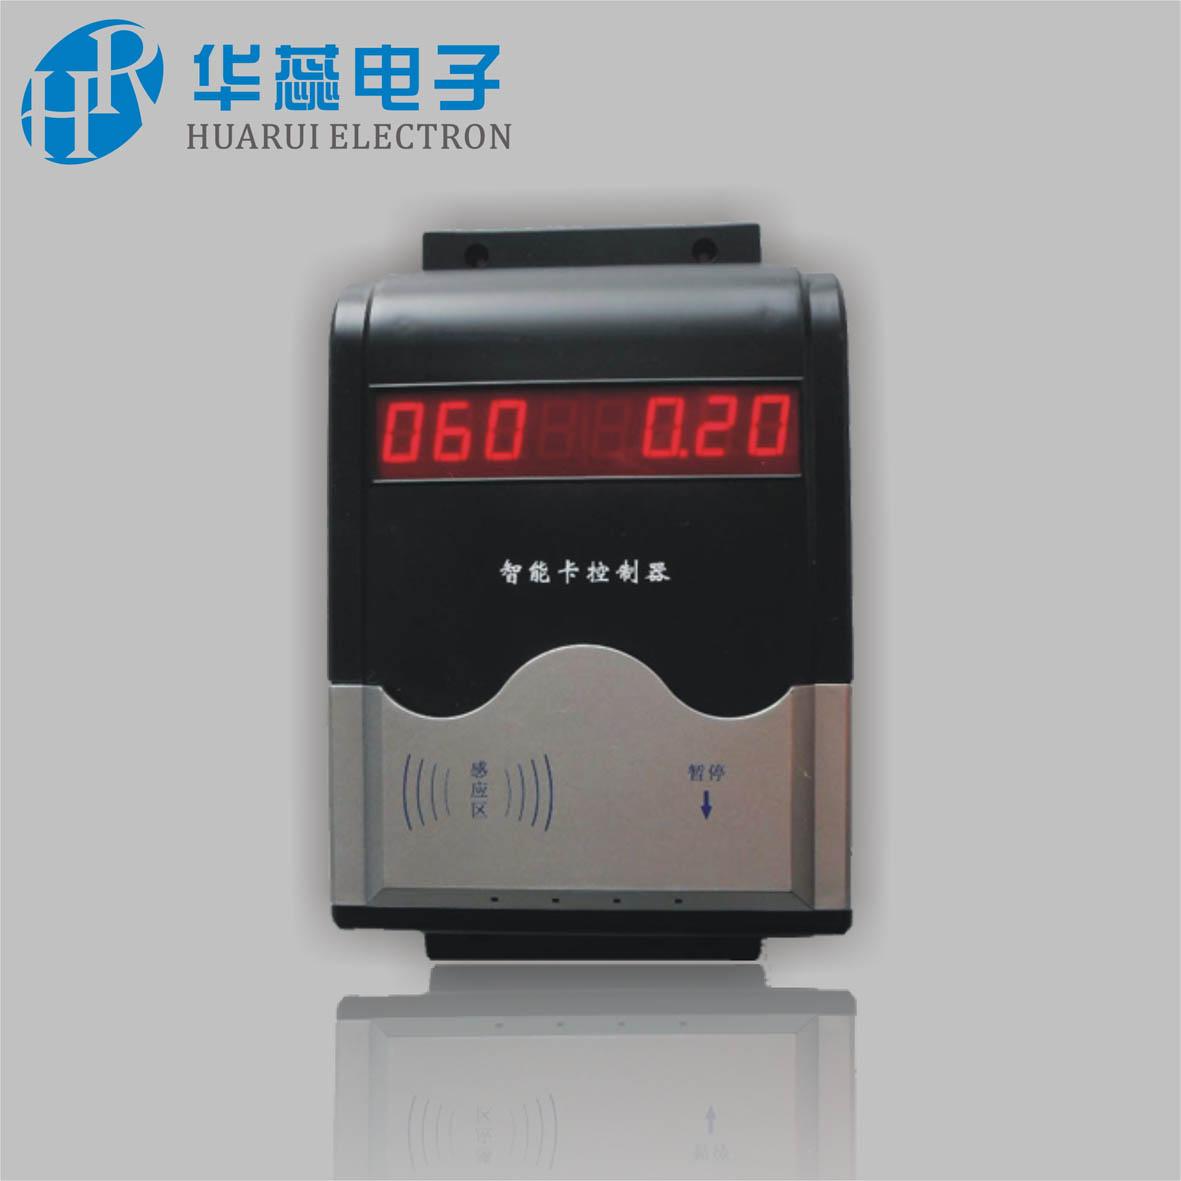 河北/北京IC卡智能刷卡机IC卡智能节水器